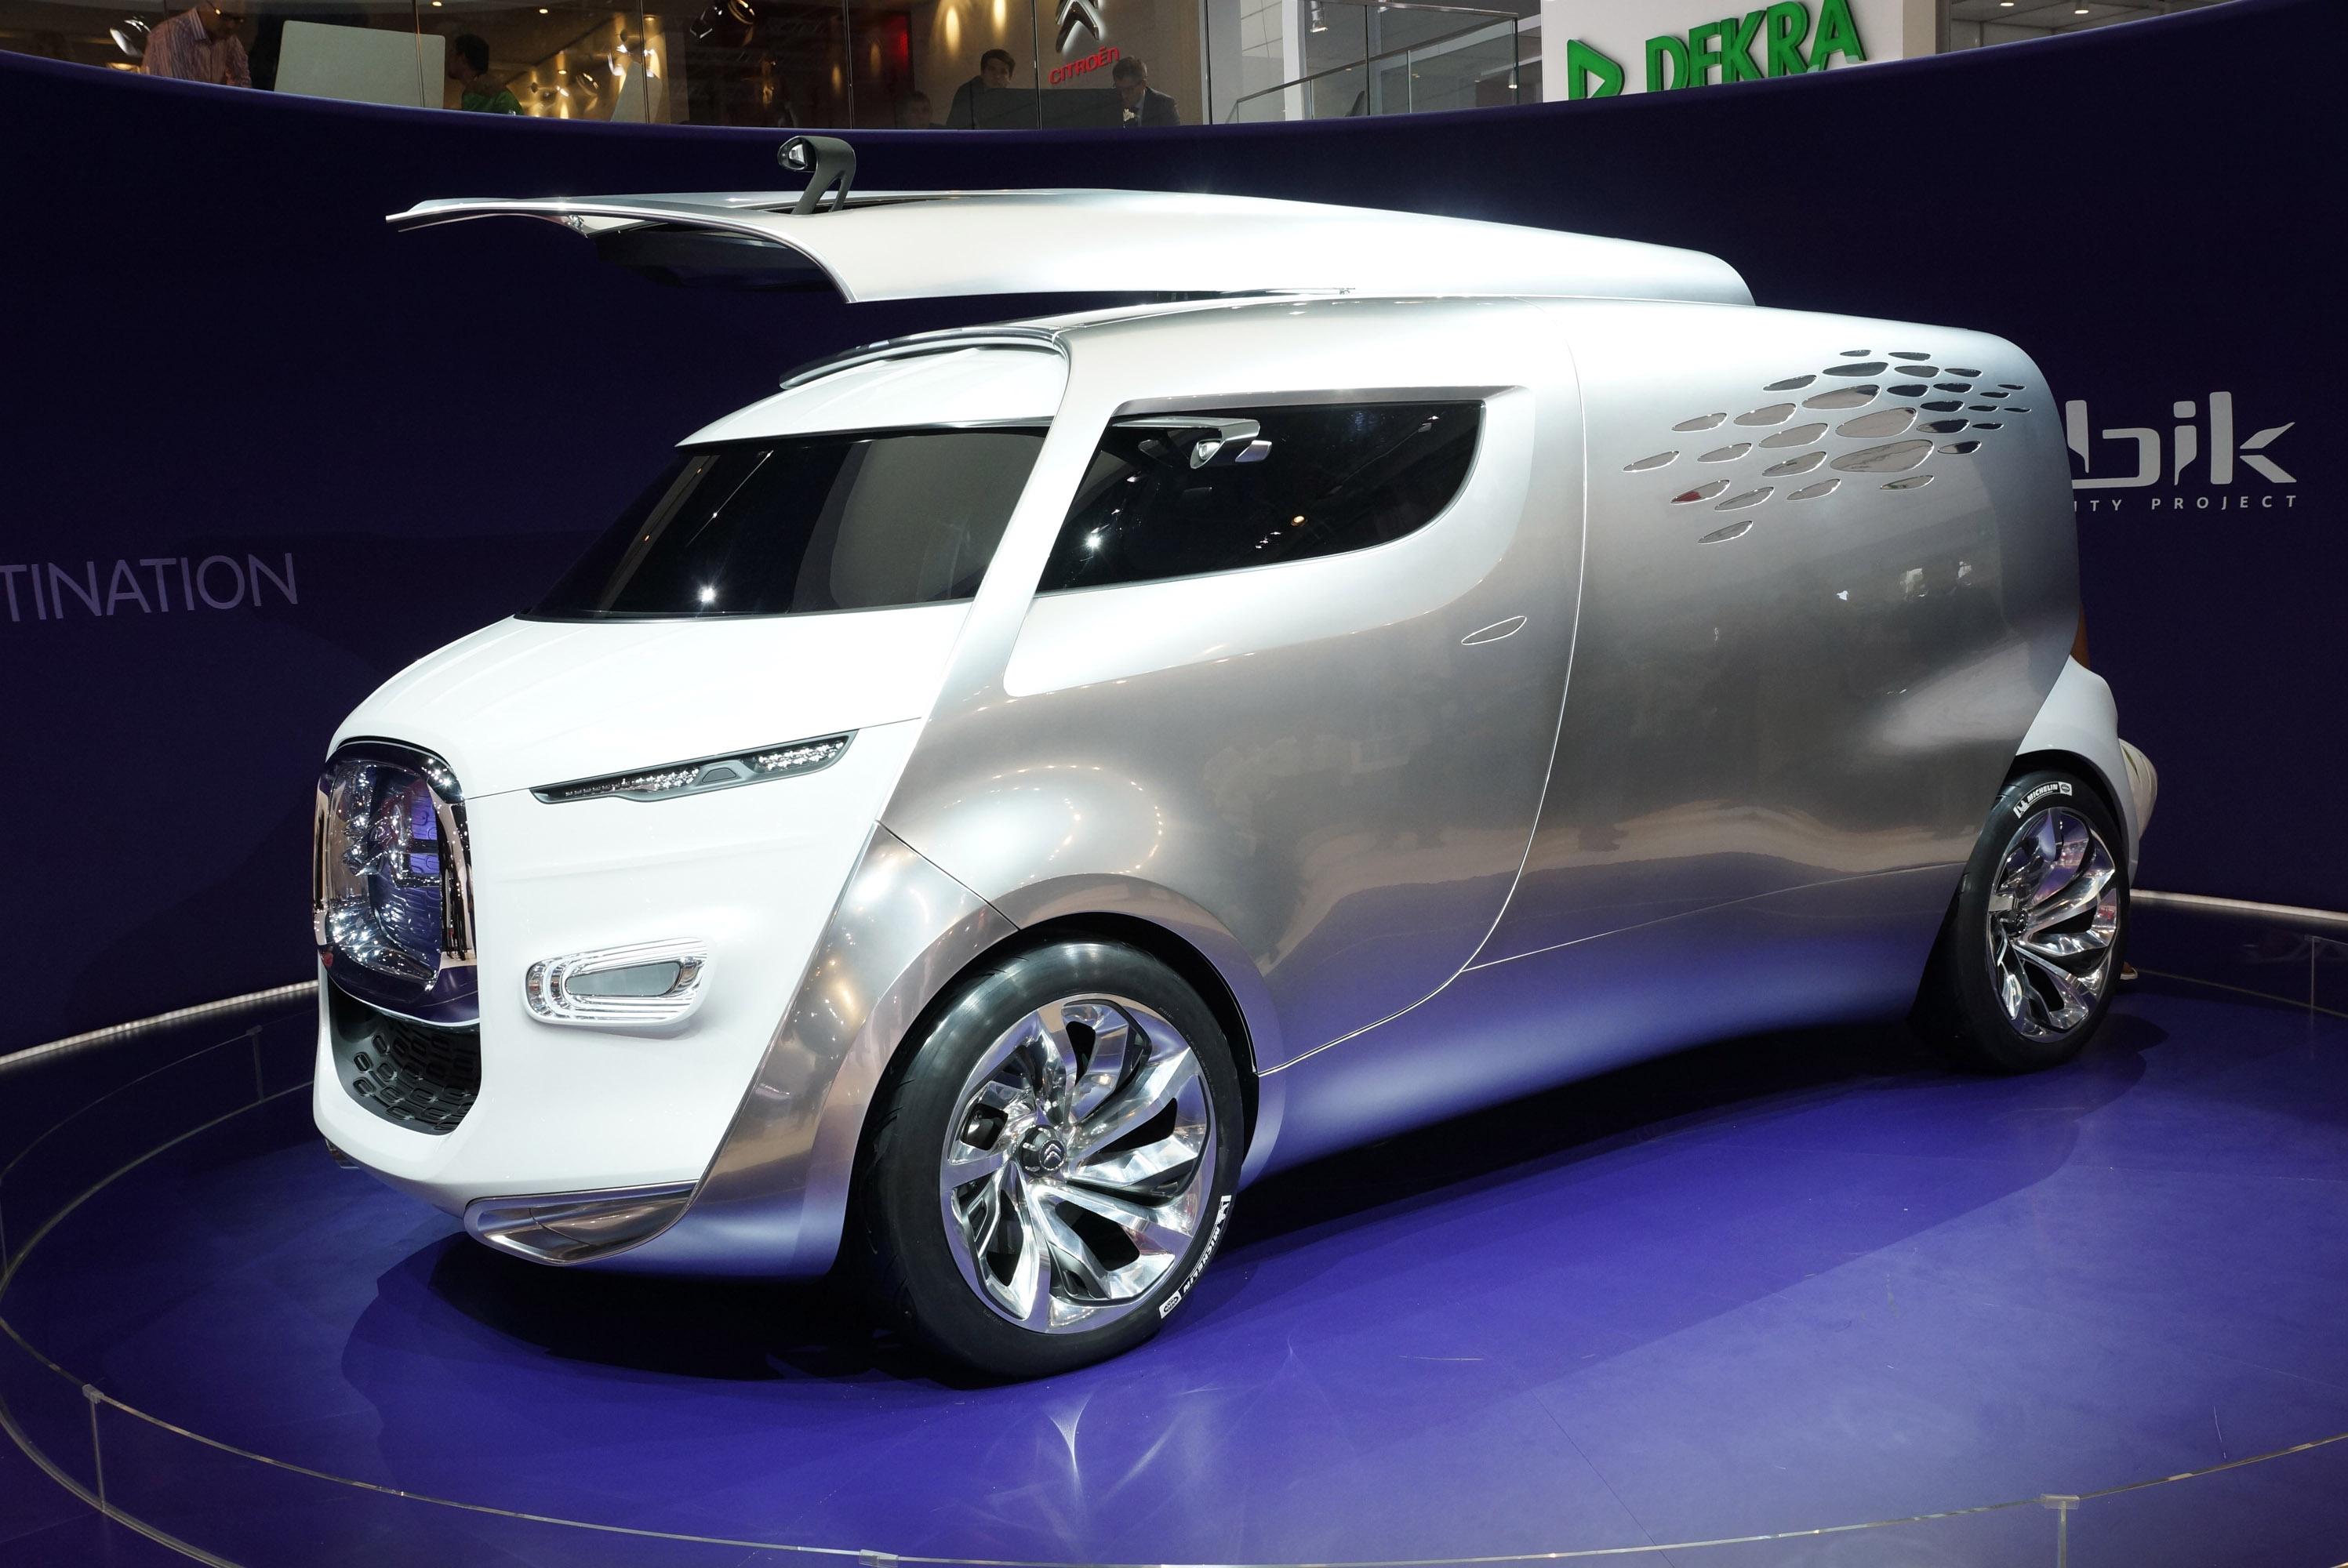 Citroen Tubik Concept Van Suv A Wallpaper